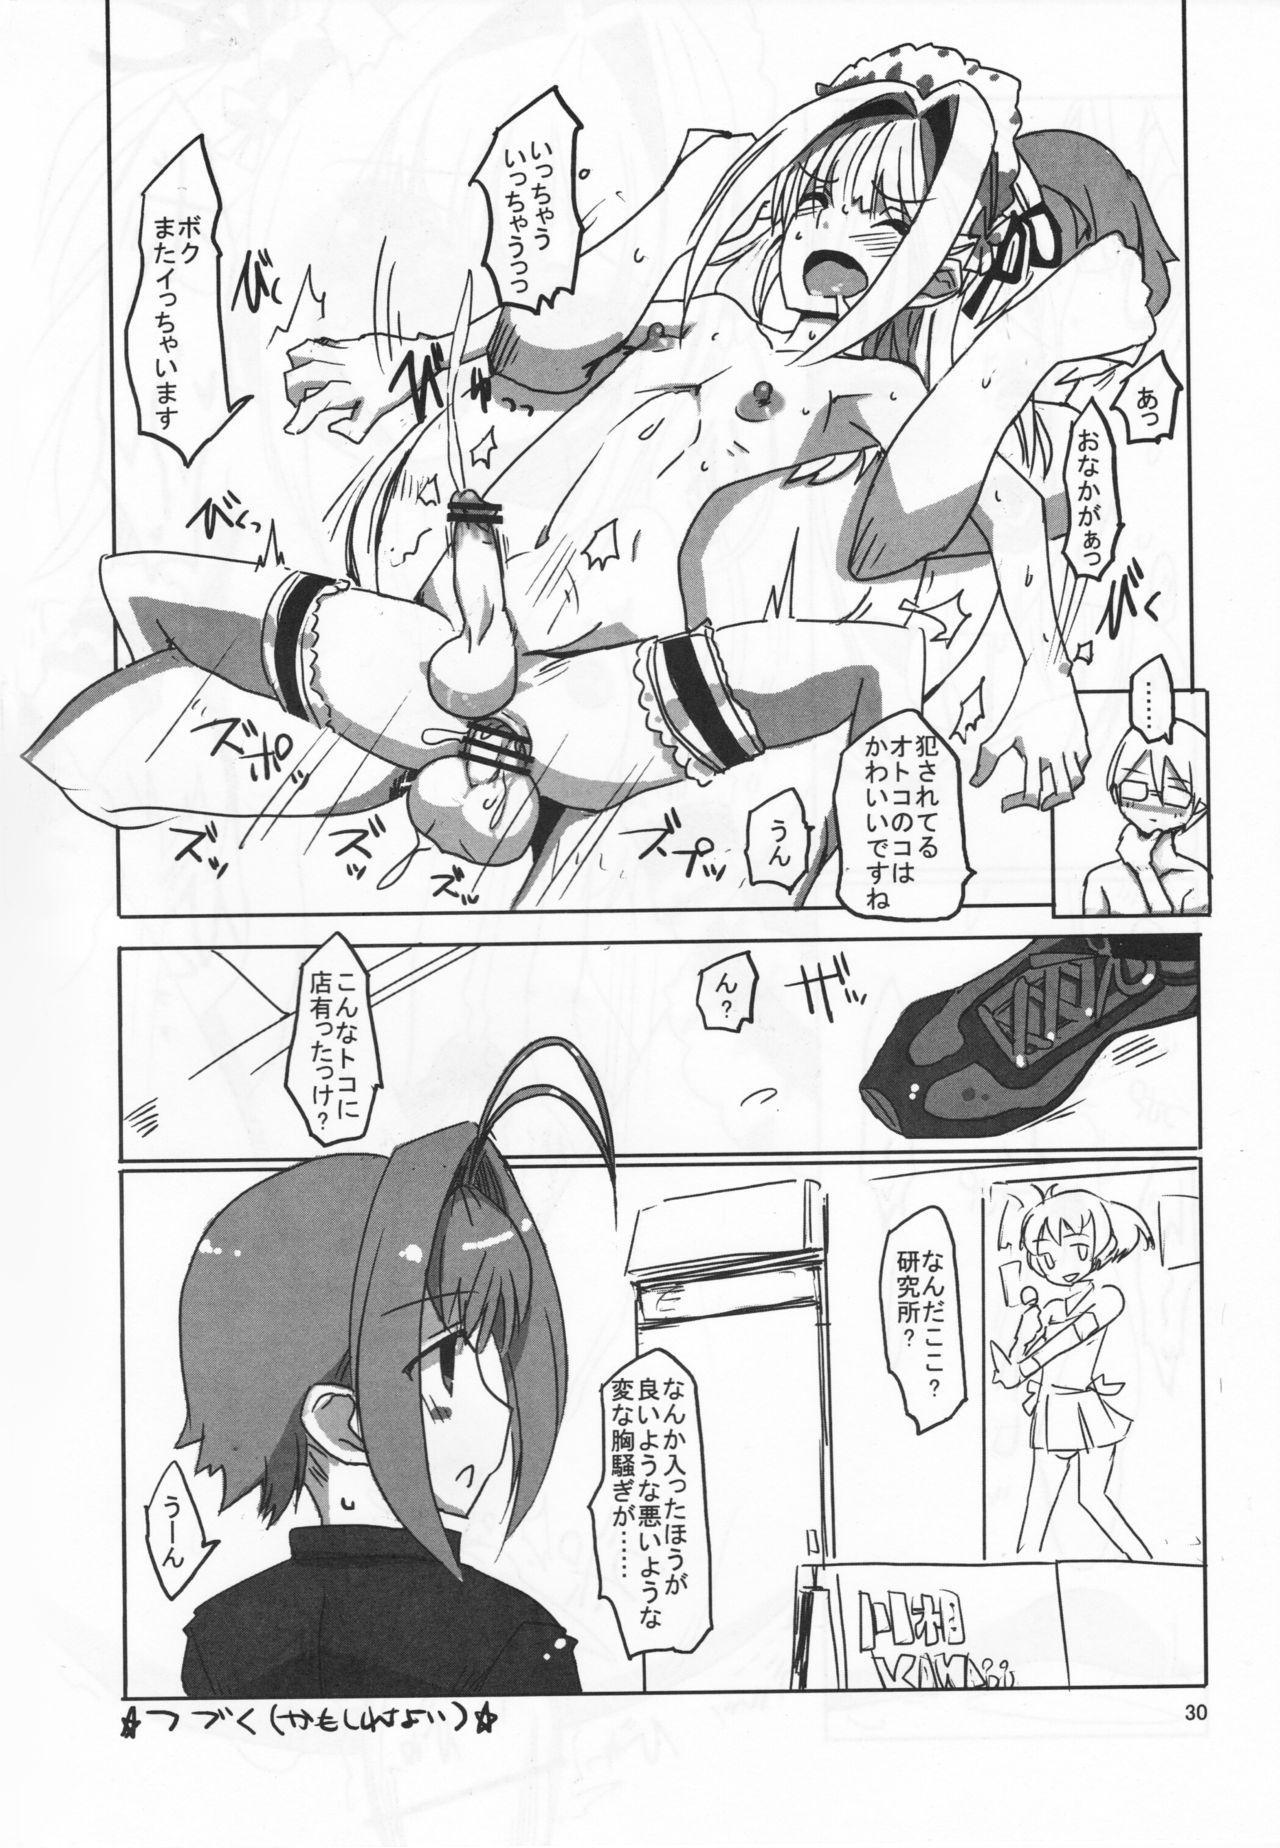 Sakurairo Shounen Sabou 8 28